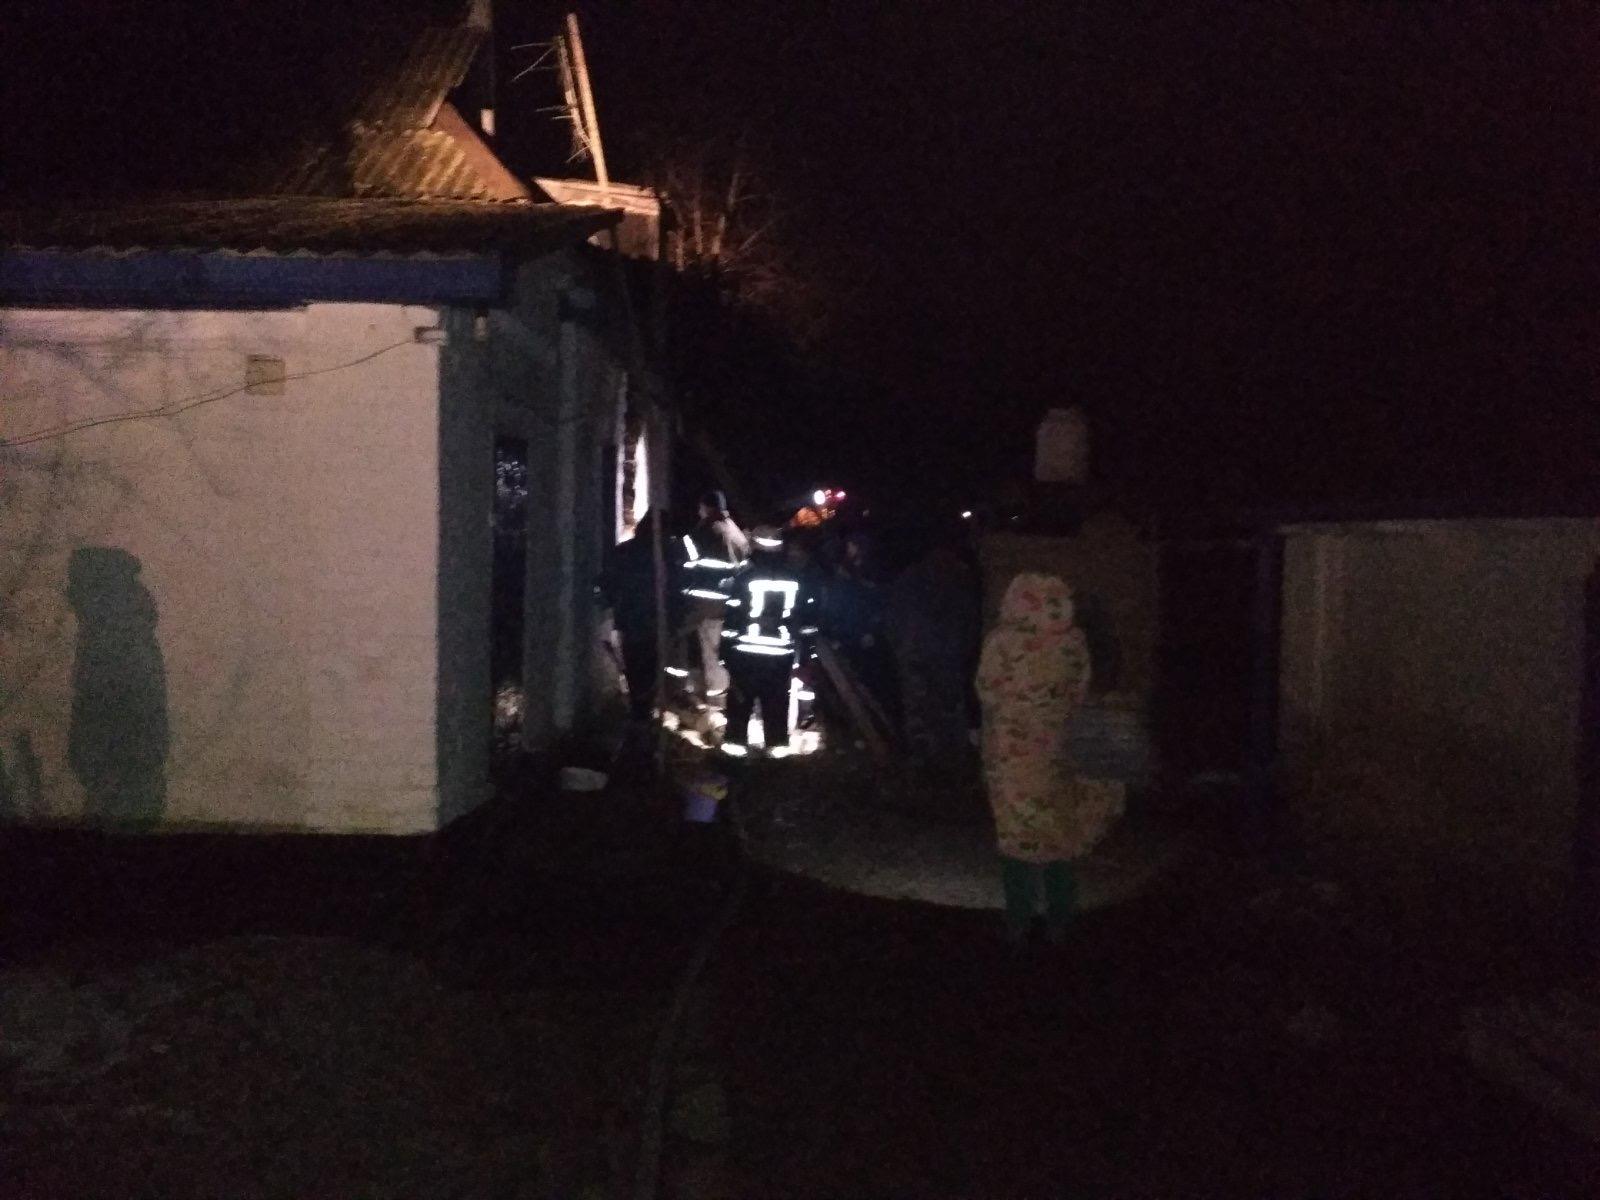 З пожежі у Бородянці вогнеборці врятували чотирьох людей - рятувальники, врятувати життя, вогнеборці, бородянські рятувальники - 05 pozhezha3